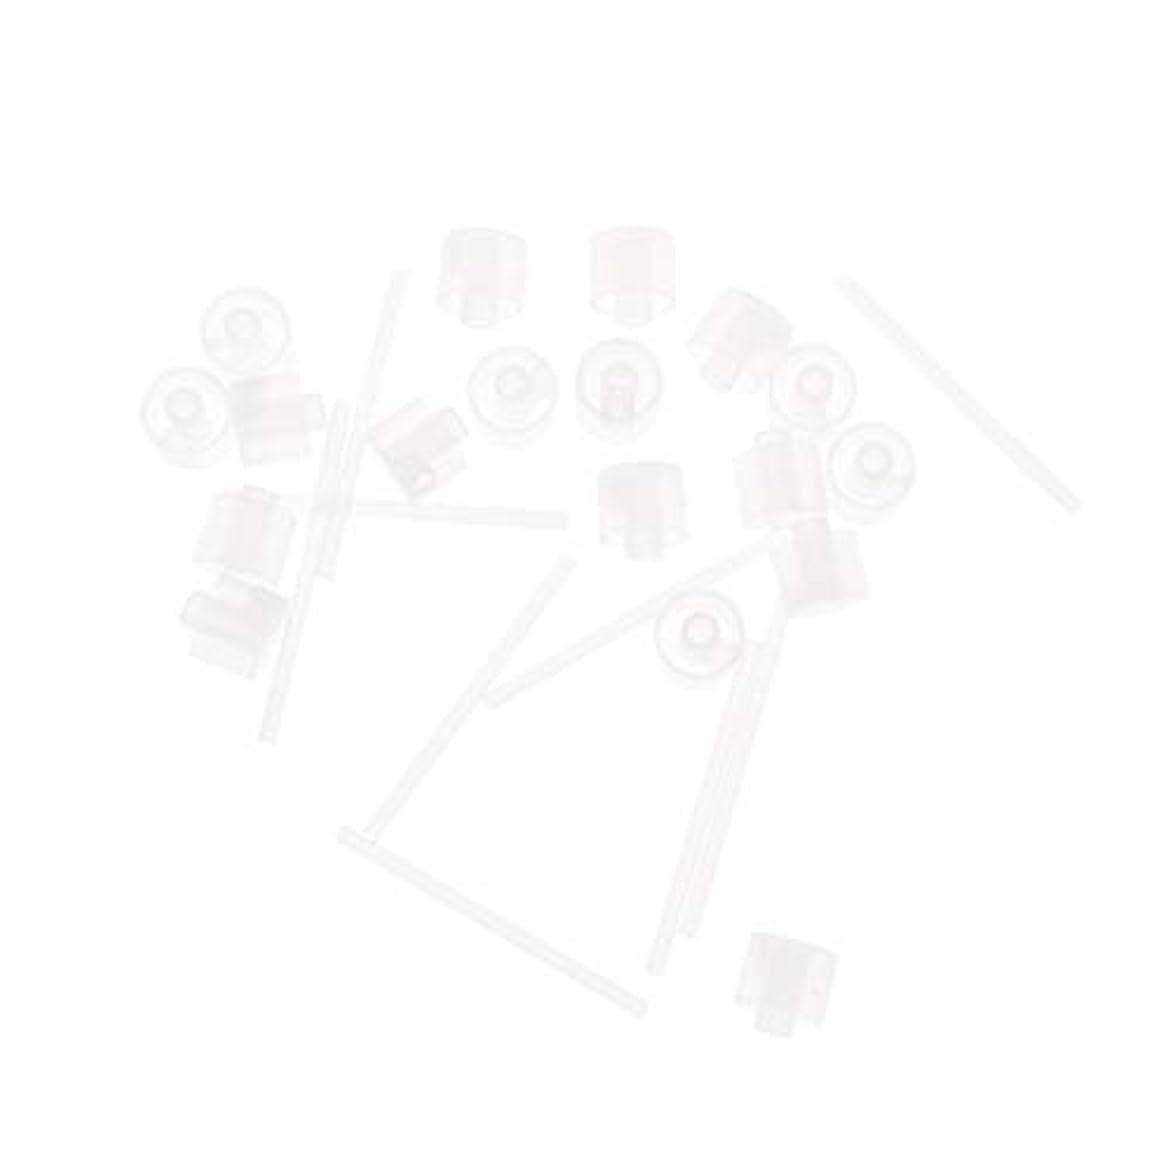 ハンマーストリーム四半期Lurrose 20ピースプラスチック香水ポンプディスペンサー香水ディスペンサーツール